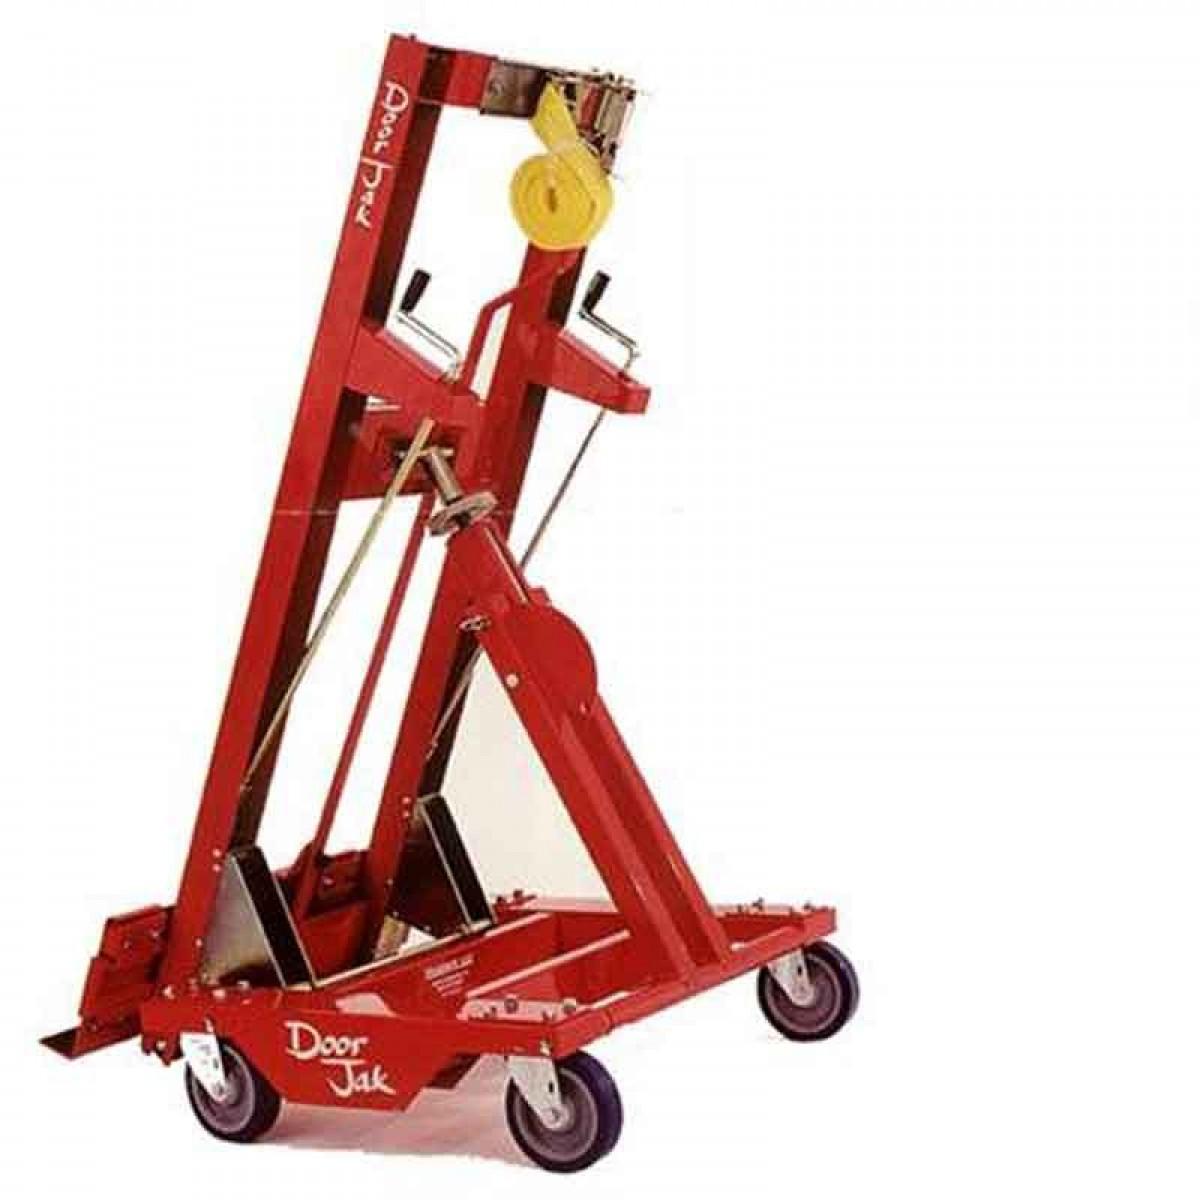 DoorJak 100 Heavy Duty Portable Door Install Cart  sc 1 st  Construction Complete & DoorJak 100 | Heavy Duty Portable Door Installation Cart